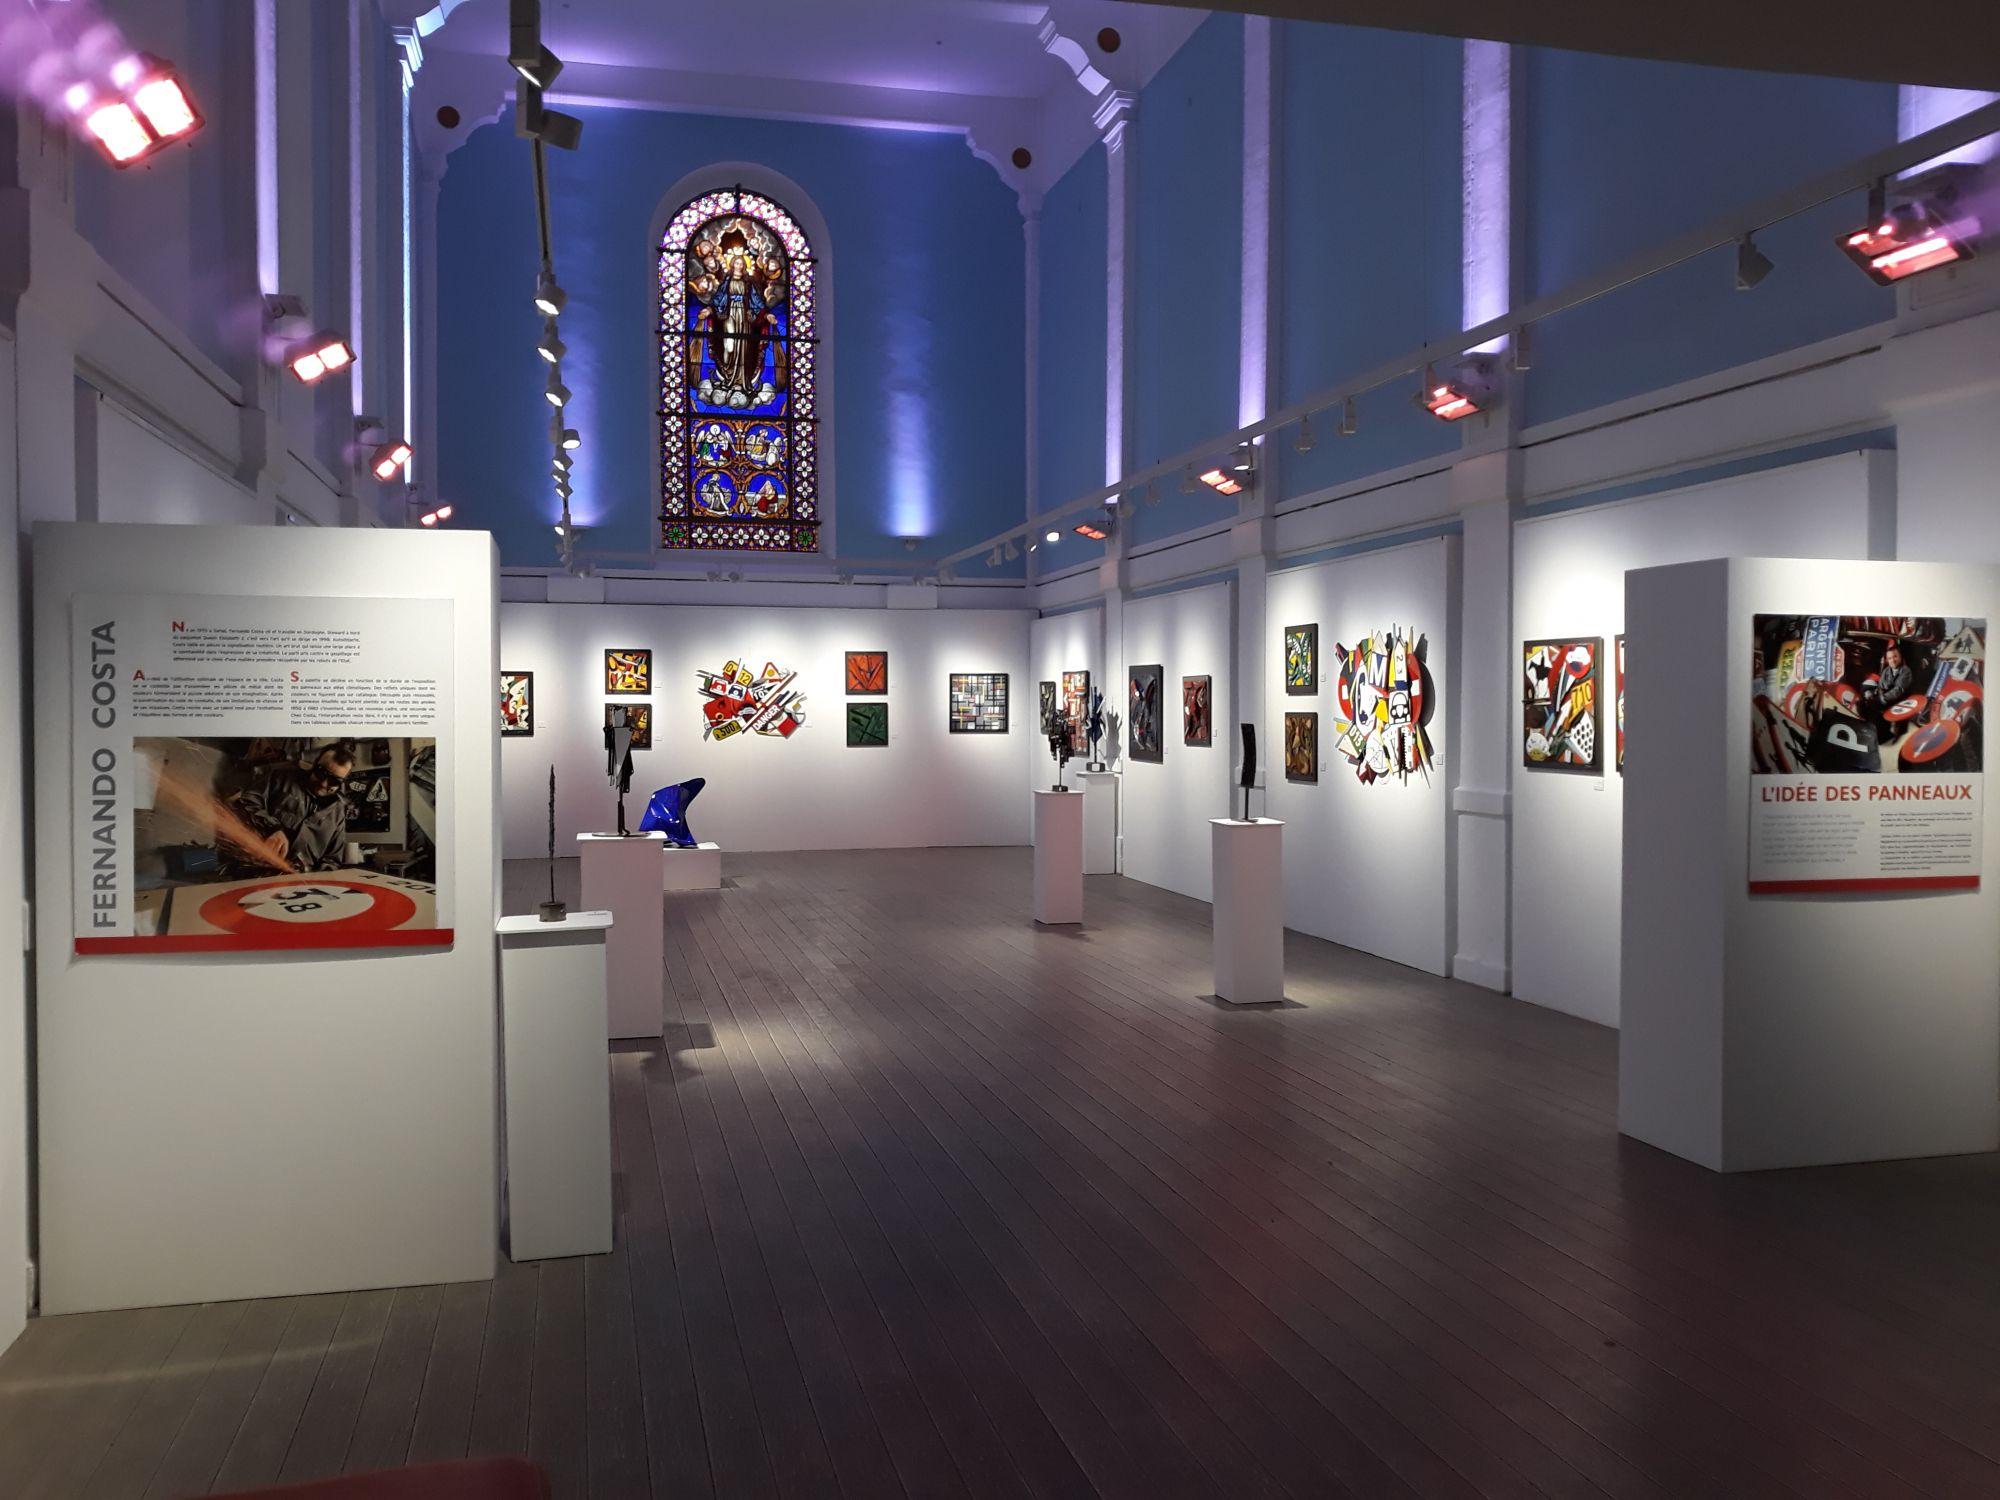 exposition-costa-chapelle-de-la-perseverance-a-pau-du-29-janvier-au-16-fevrier-2019-2